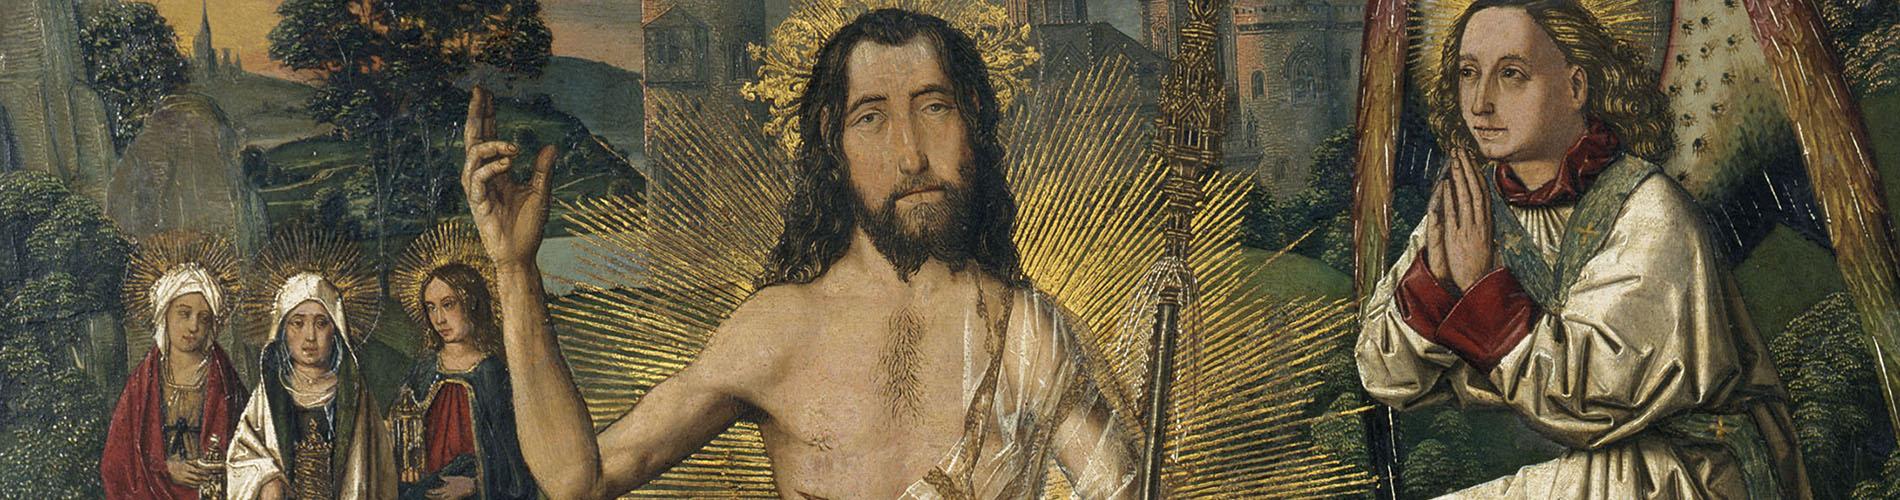 Bartolomé Bermejo, Resurrección, hacia 1475